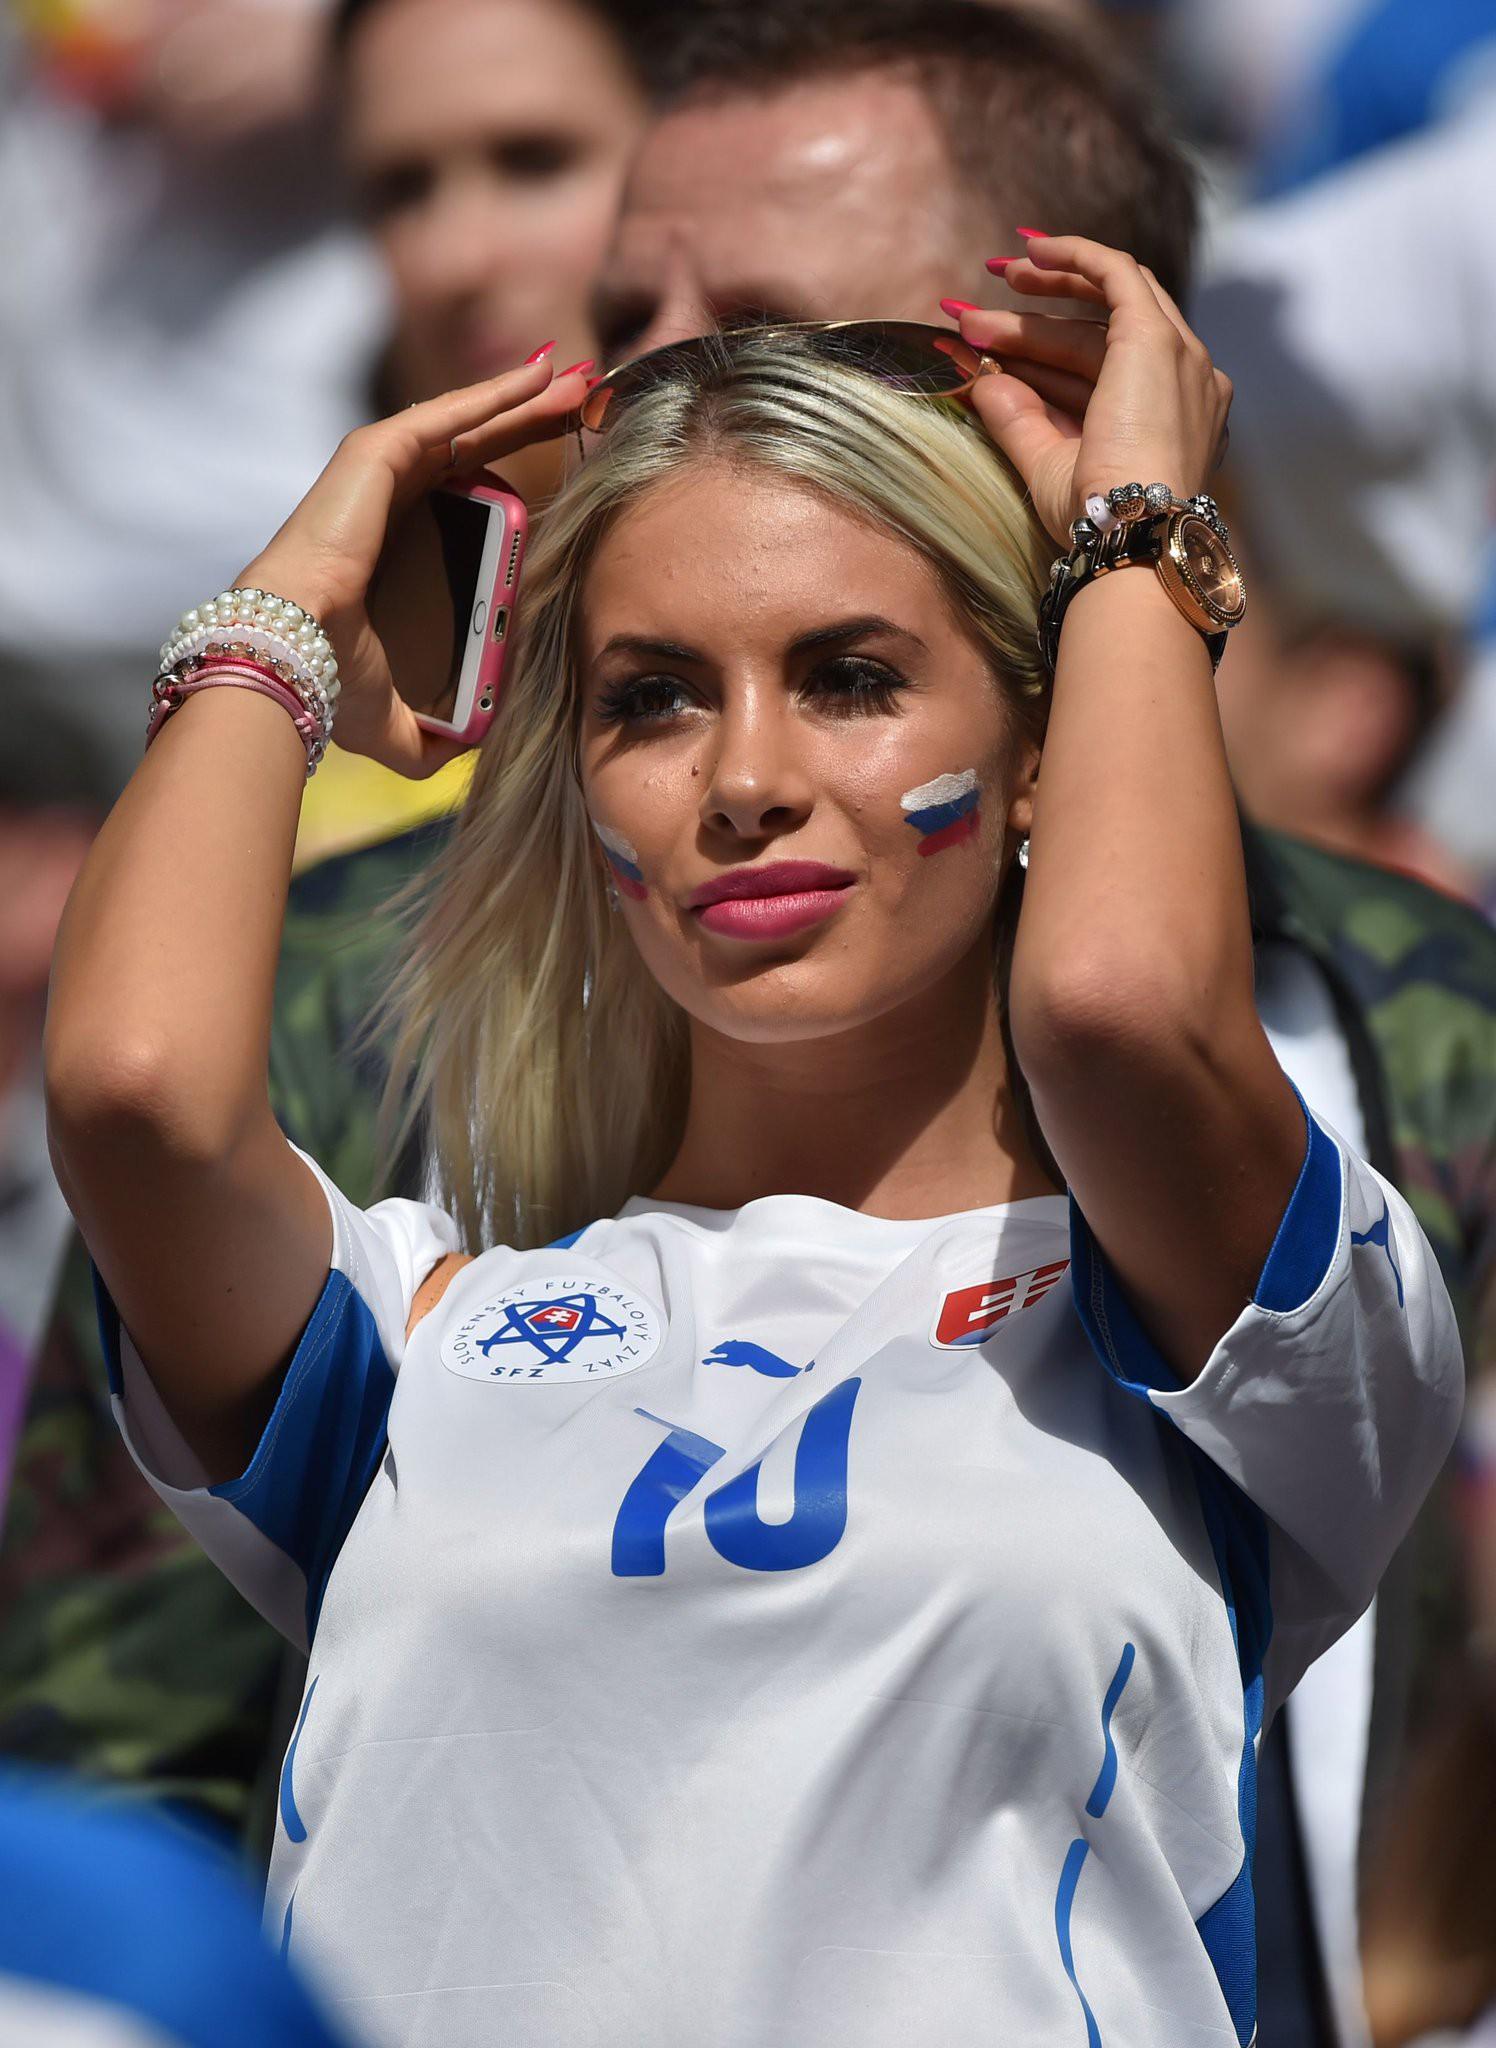 MXH tràn ngập hình ảnh của những nữ cổ động viên xinh đẹp trên khắp khán đài World Cup 4